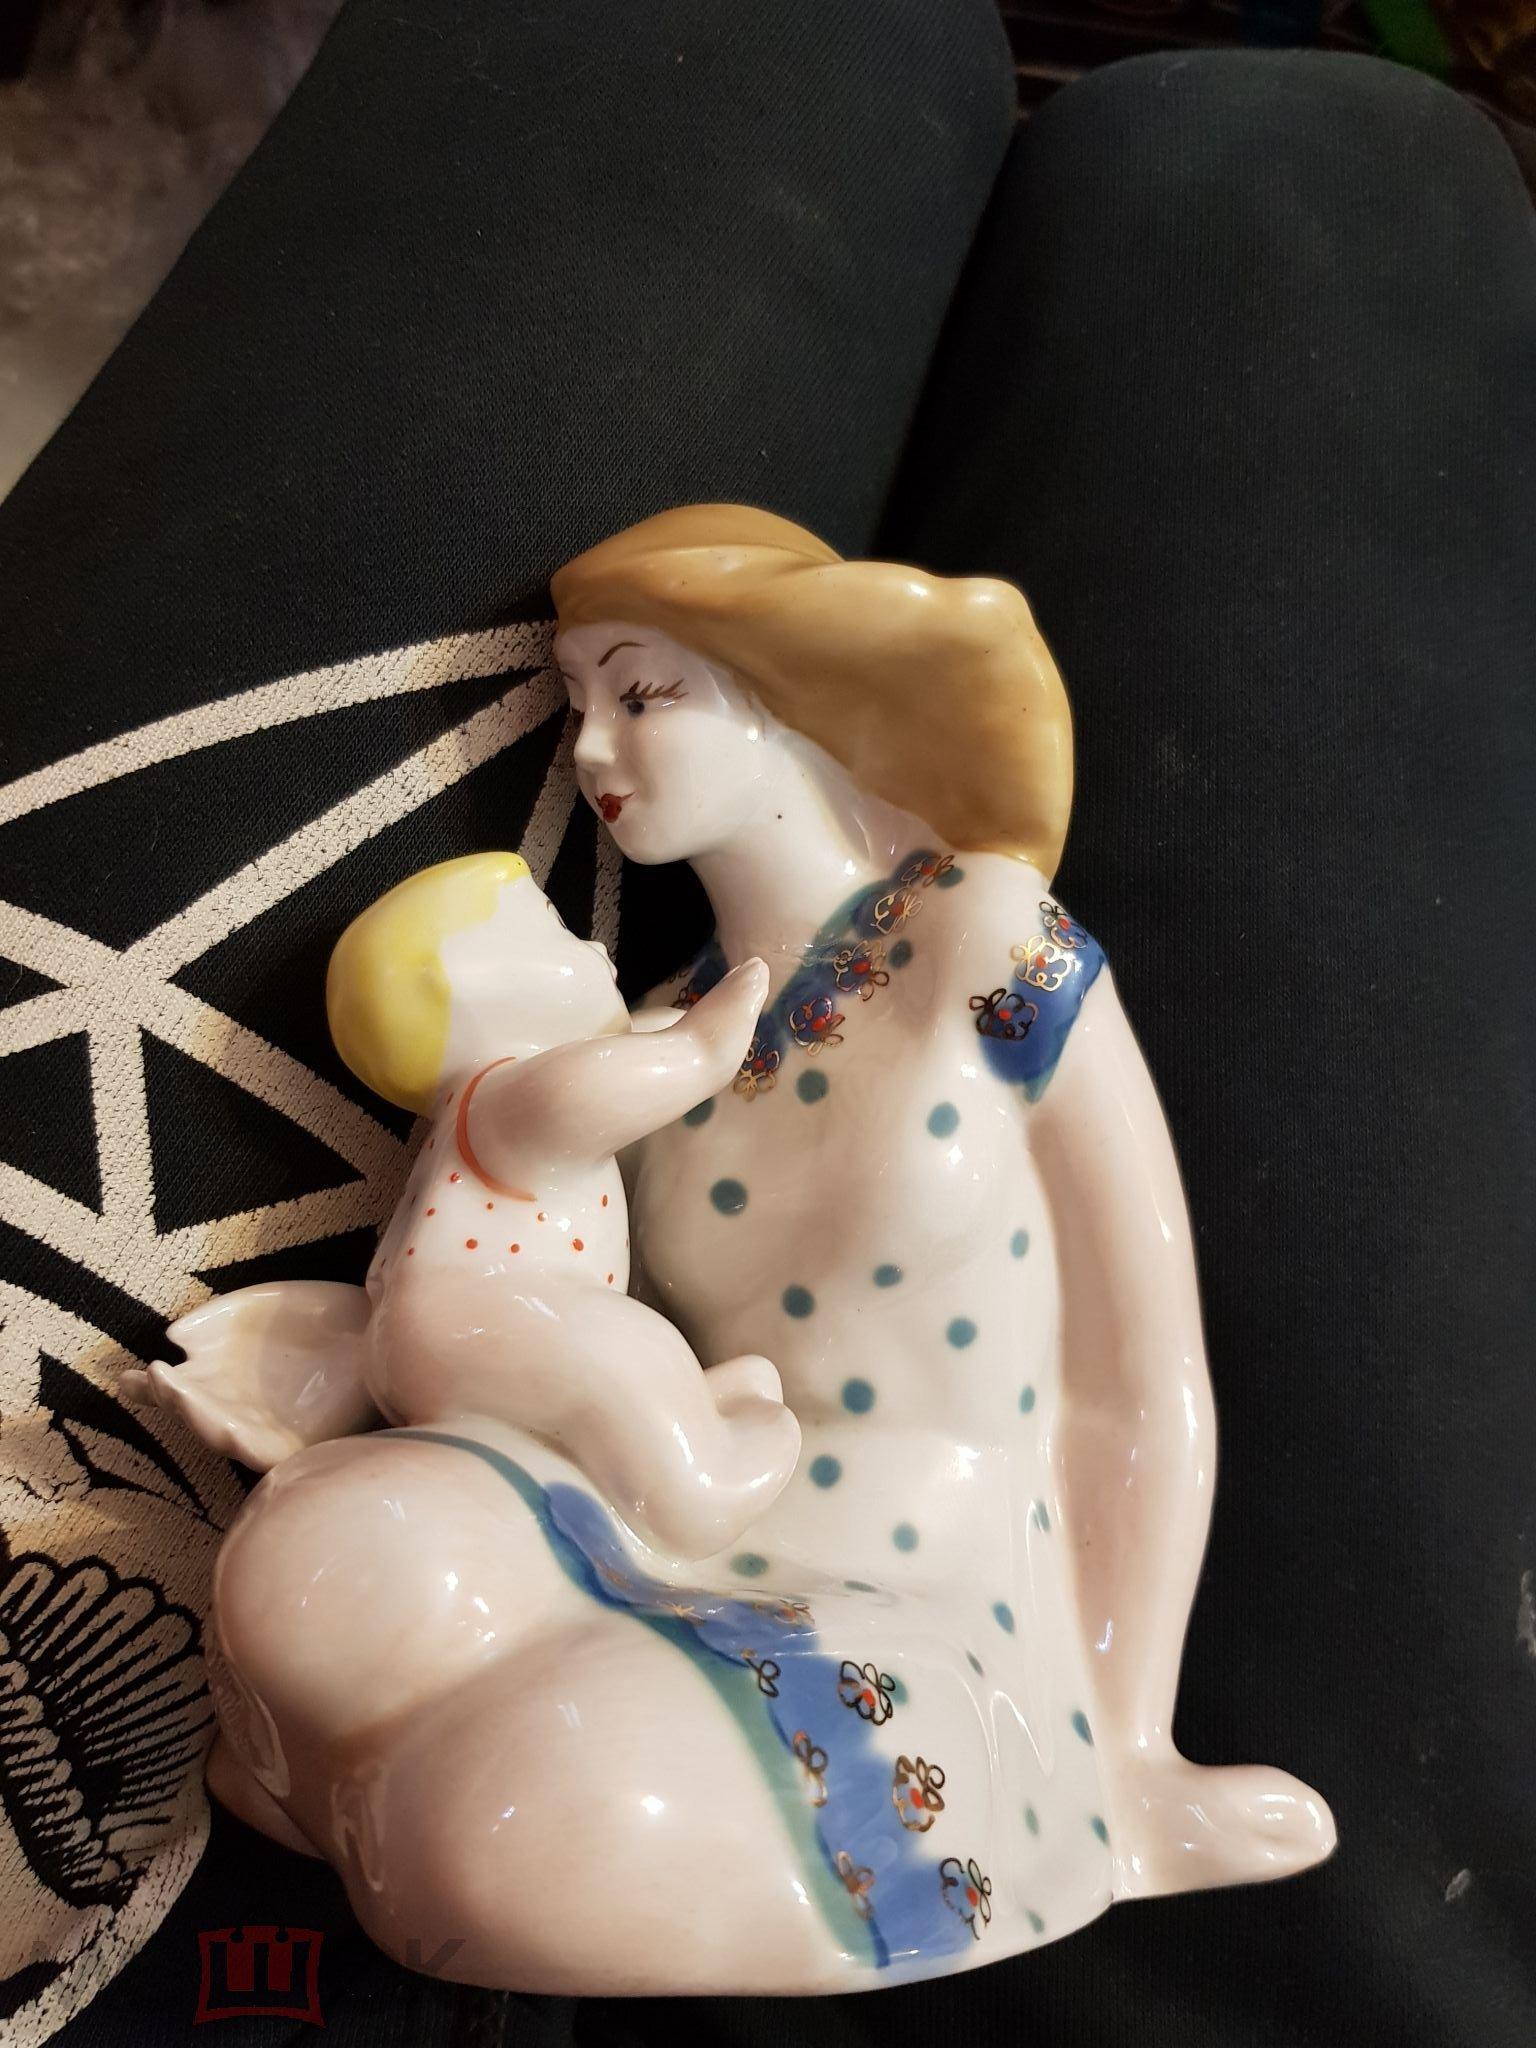 Материнство. Мать и дитя. ЗКХ Полонное. Старинный Советский фарфор.